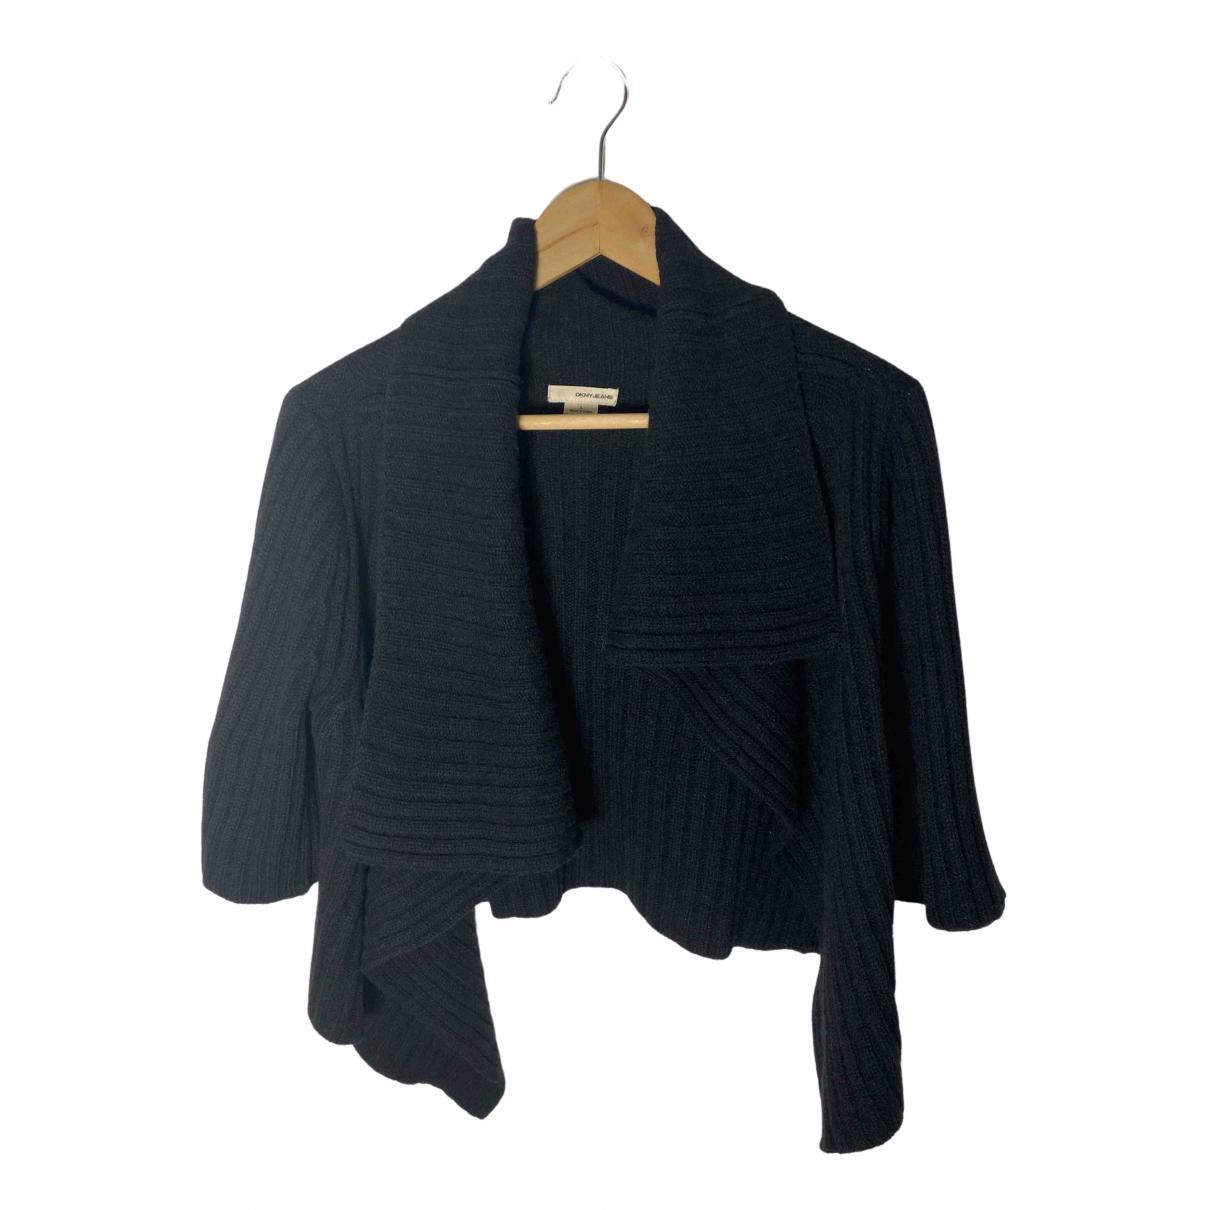 Dkny - Pull   pour femme en laine - noir